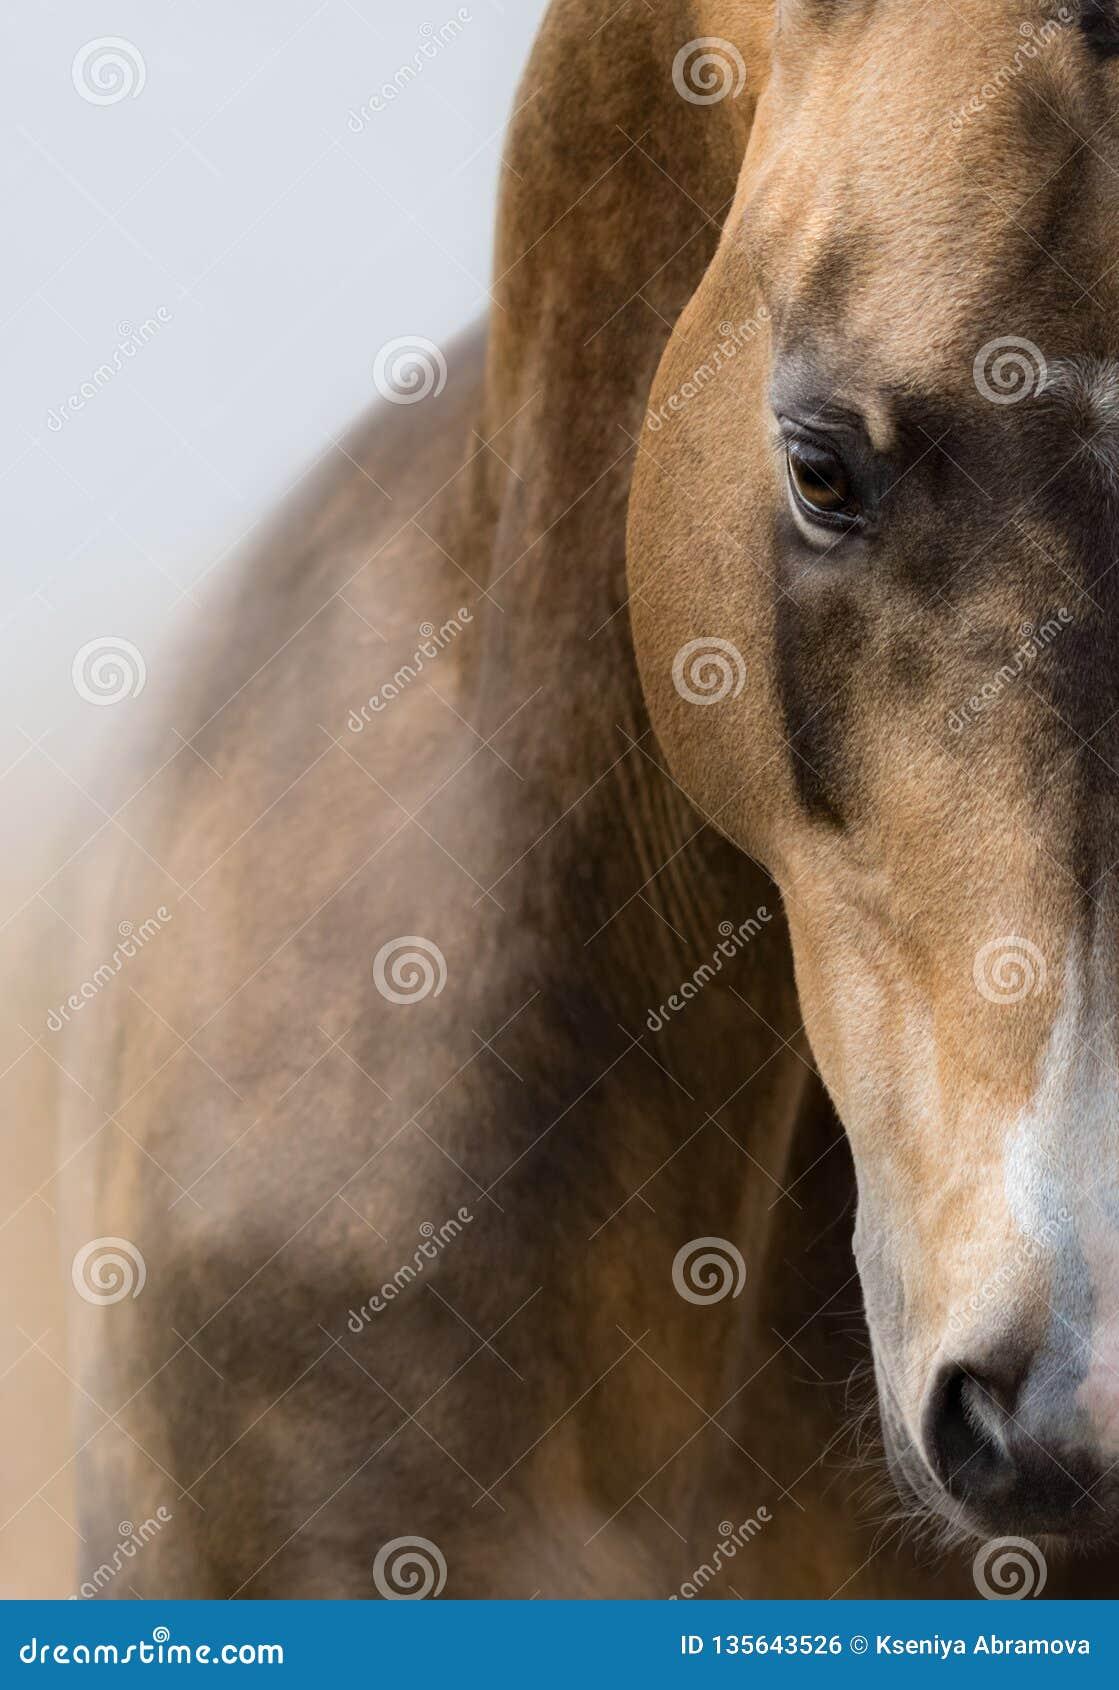 Nahes hohes Porträt des goldenen Wildlederpferds Akhalteke